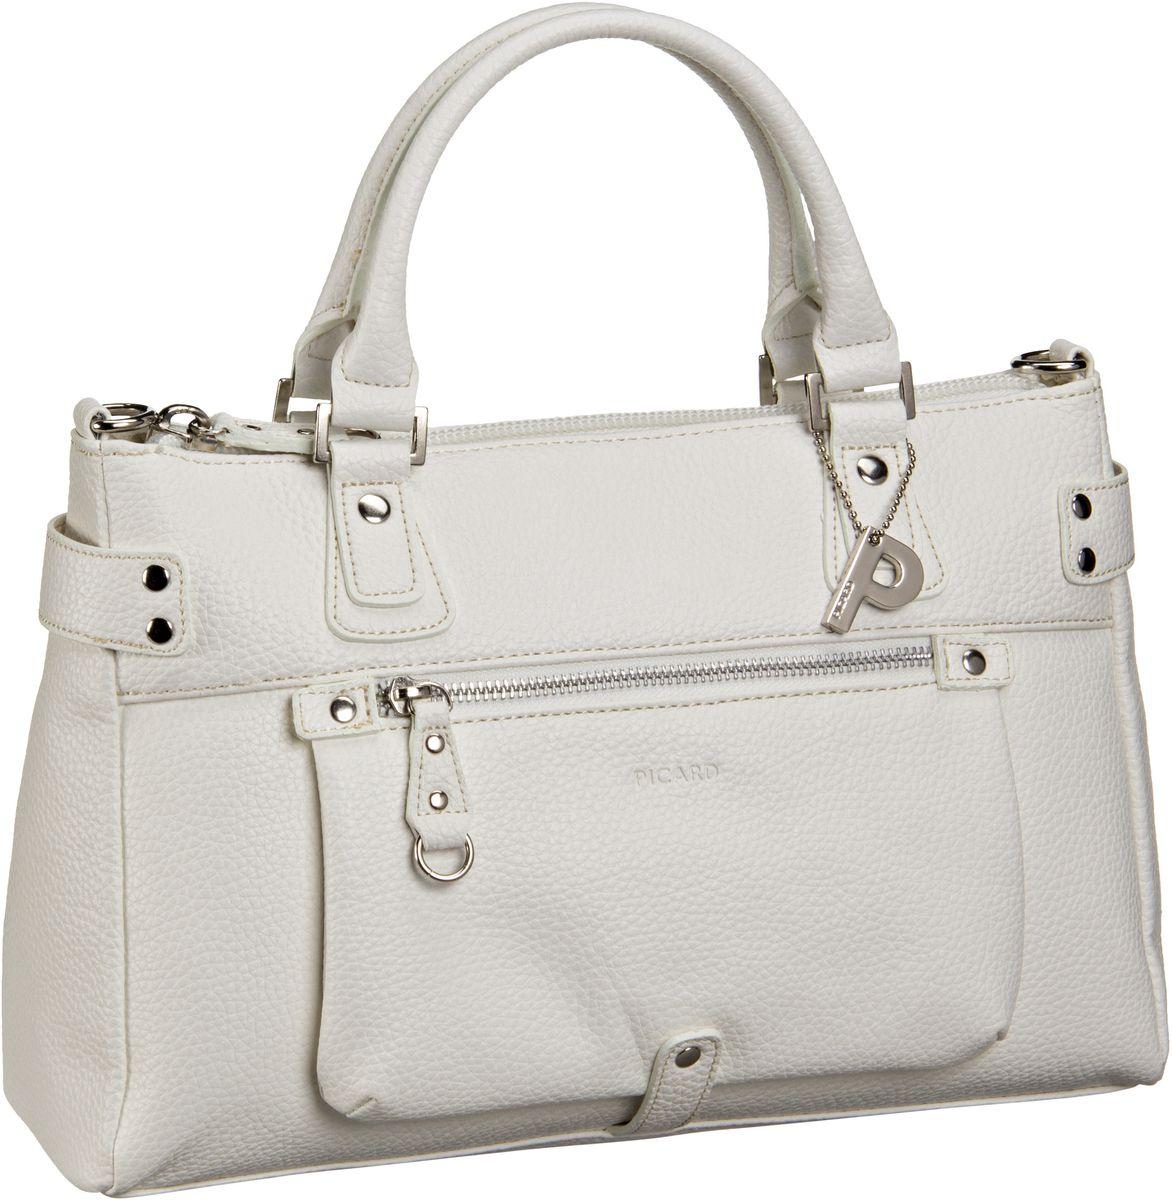 Handtasche Loire Henkeltasche Weiß